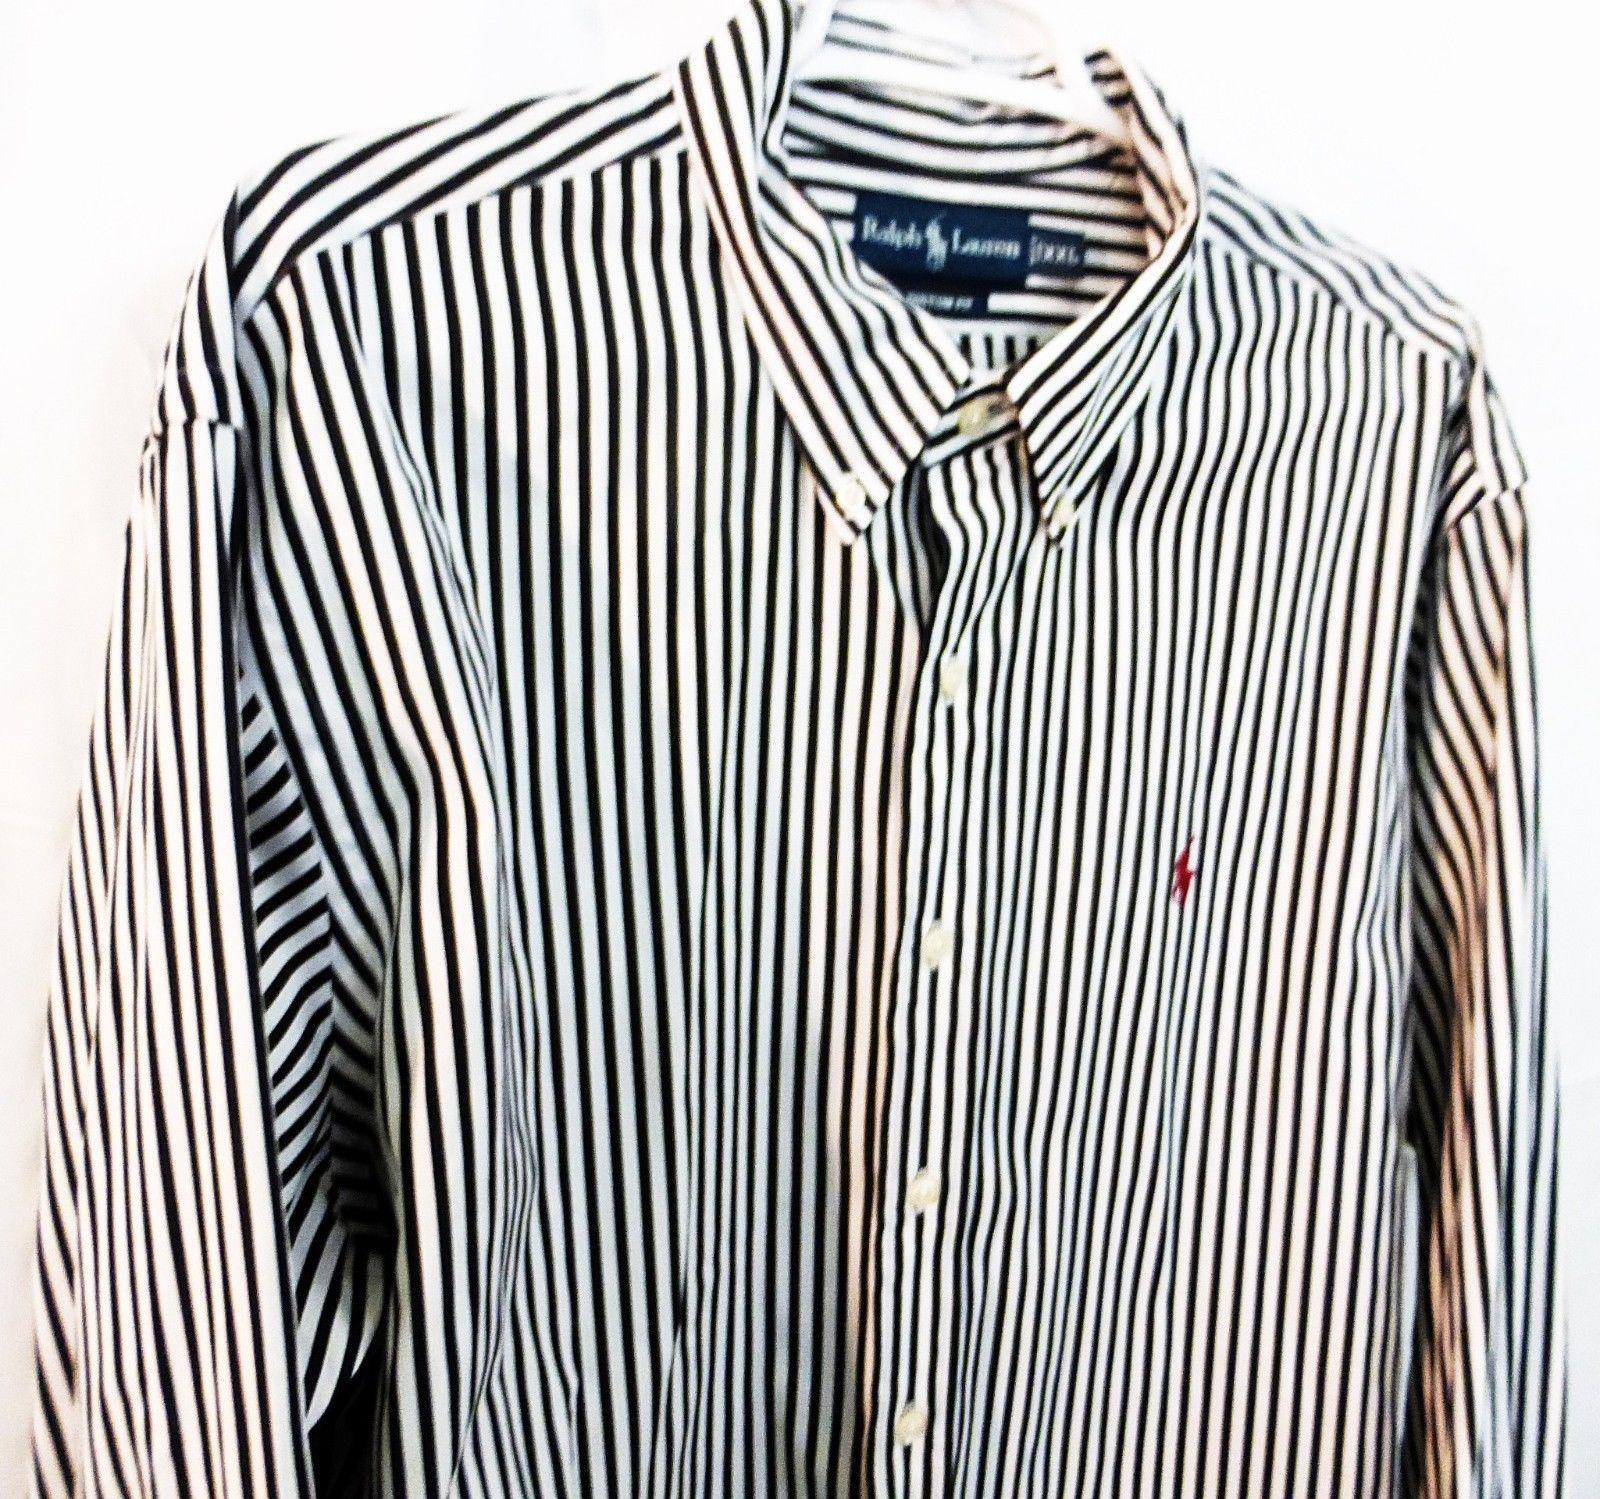 Ralph Lauren custom fit black strips button down shirt size 2XL/XXL